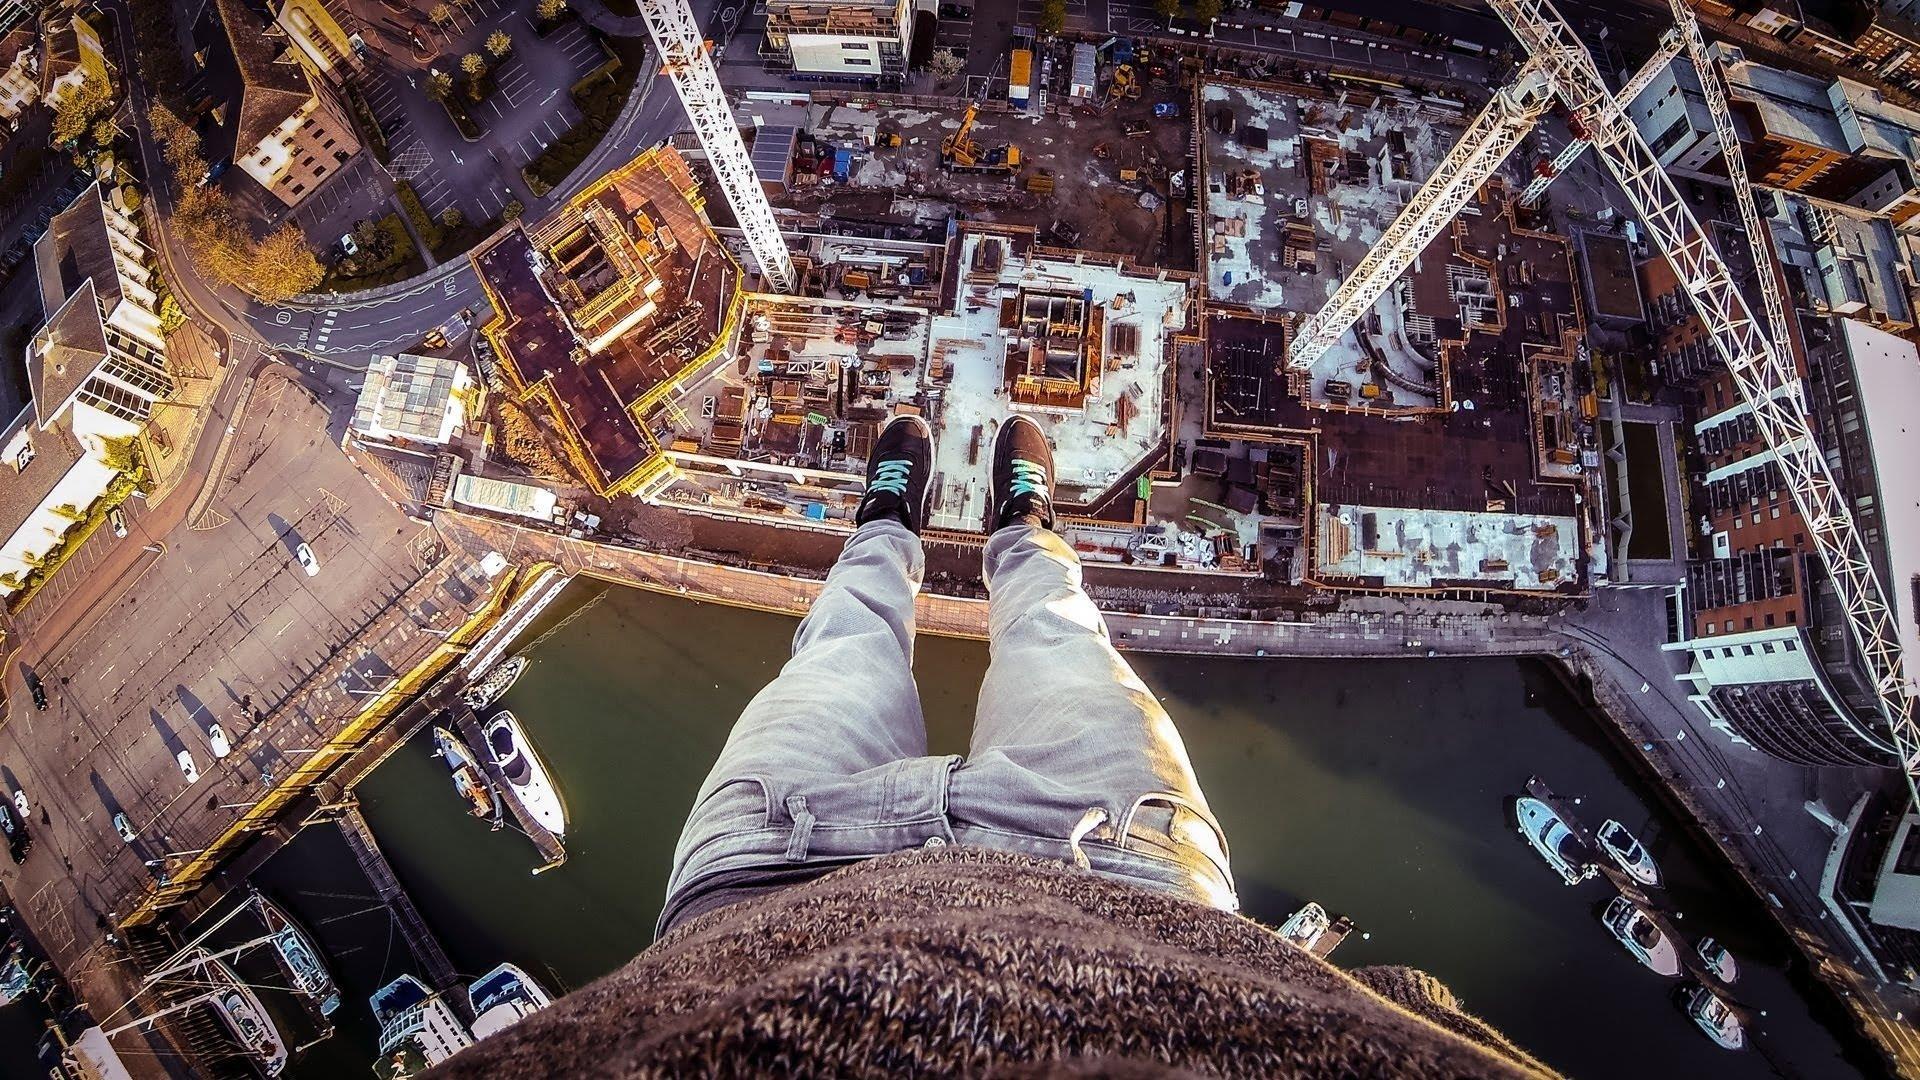 Картинка смотрю с высока на мир